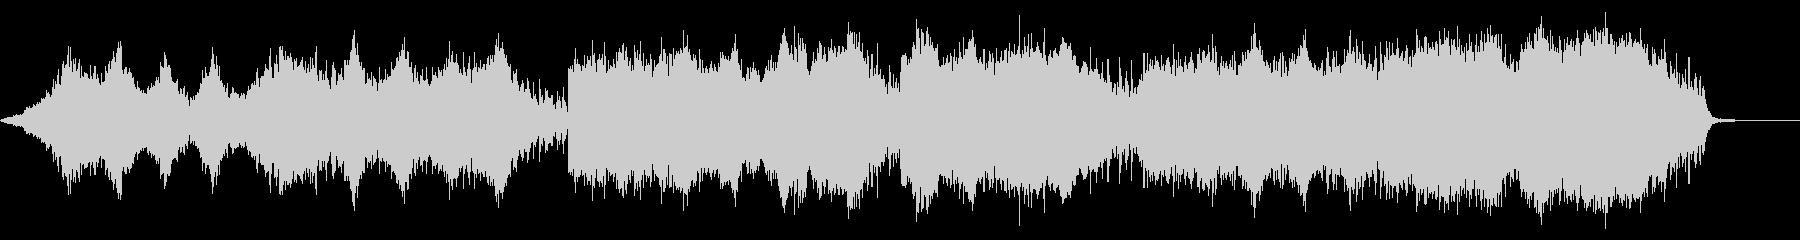 現代的 交響曲 ラウンジ まったり...の未再生の波形